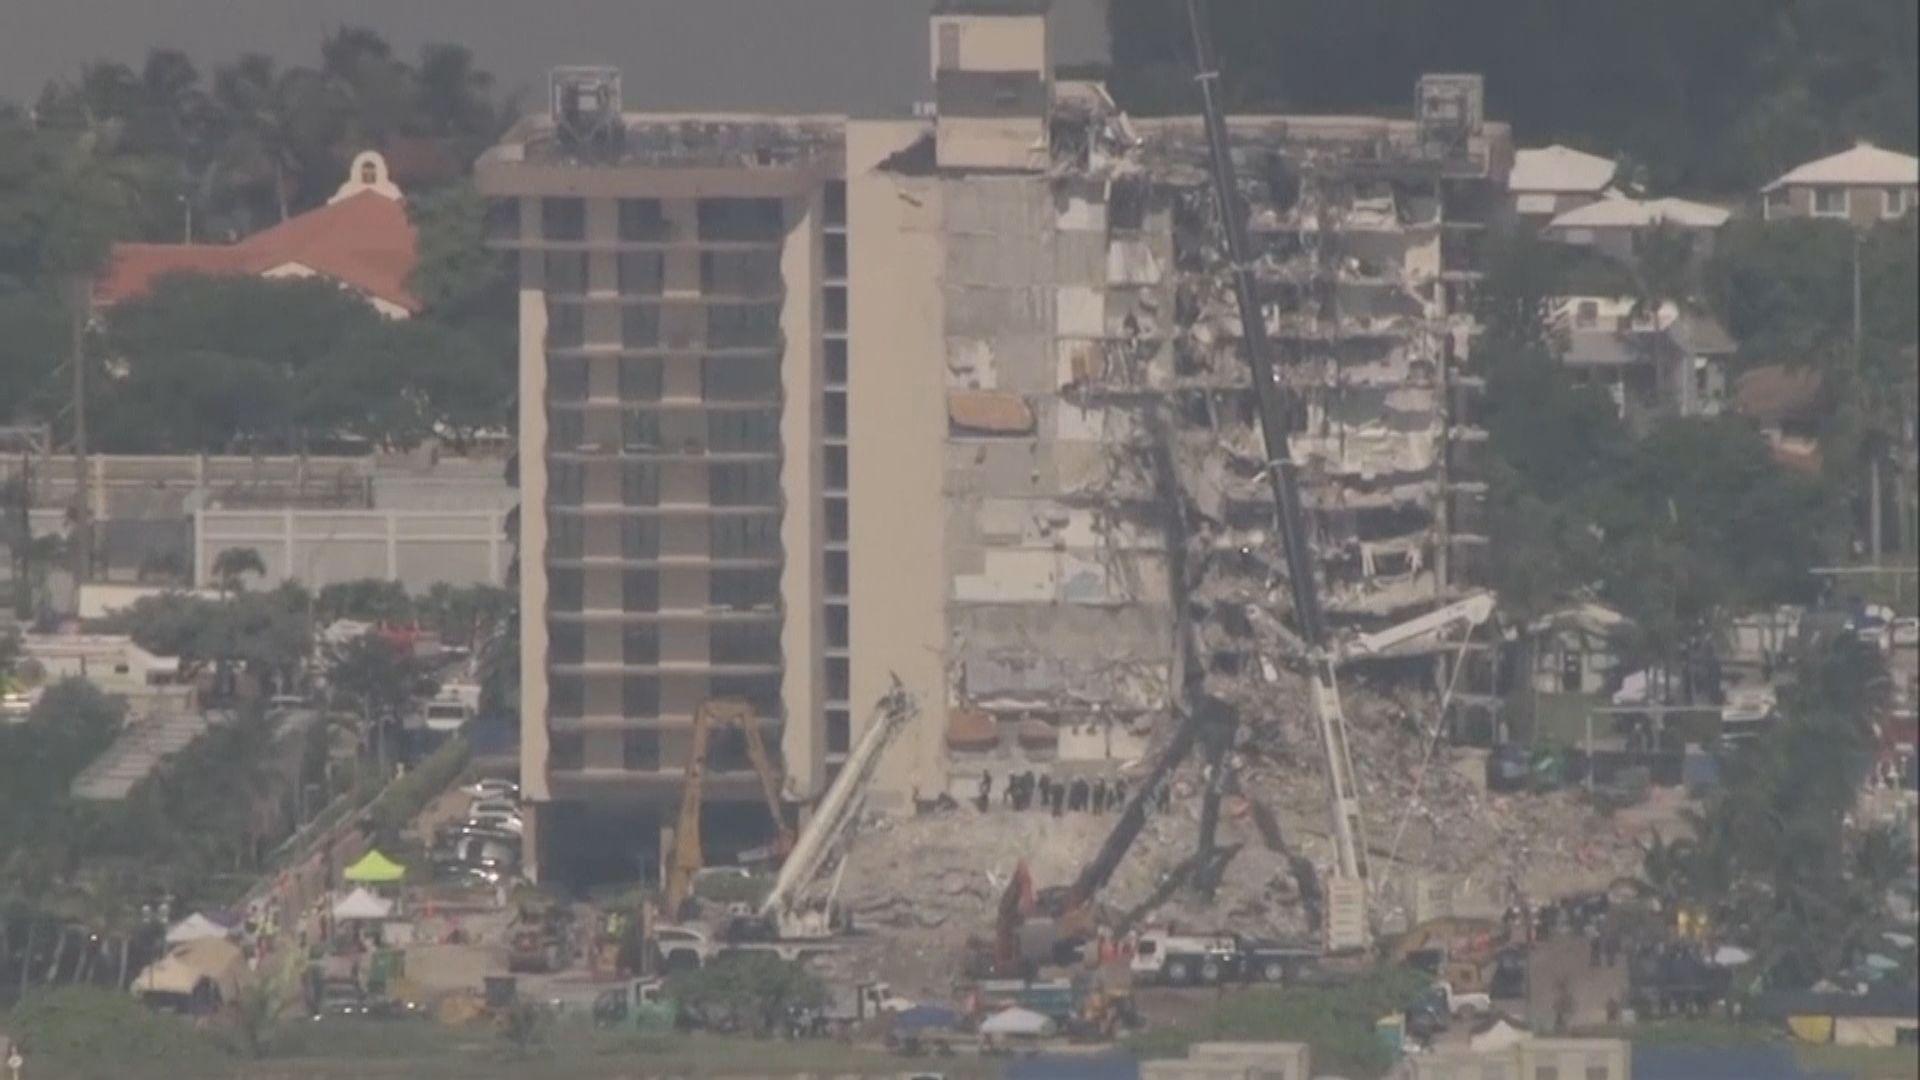 邁阿密住宅大樓倒塌事故死亡人數增至24人